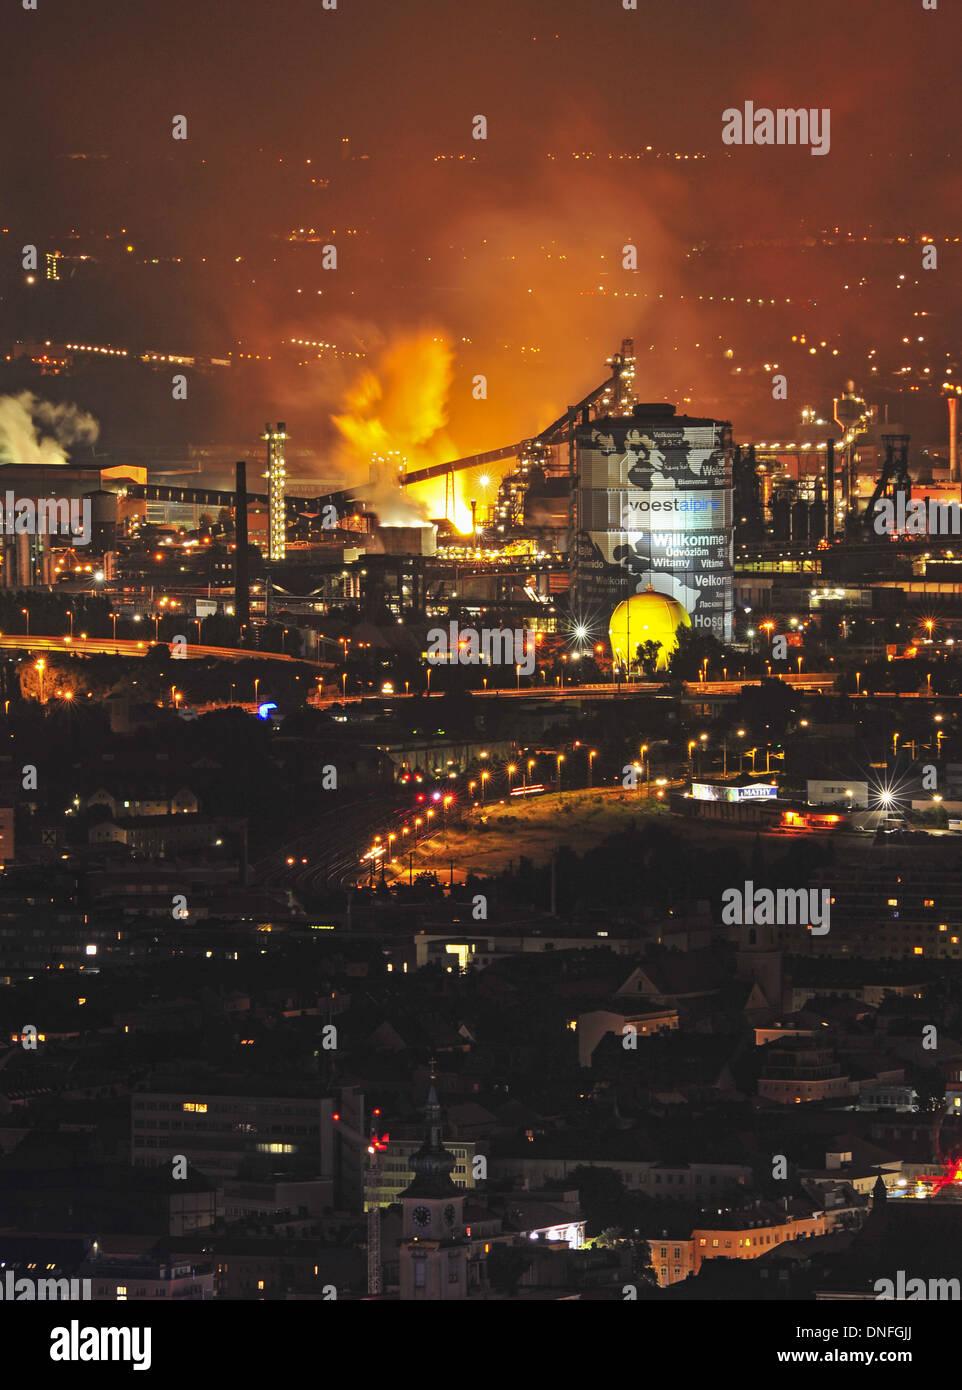 Blick vom Pöstlingberg auf VÖEST Linz, Industrie, Hochofen, Stadansicht, Nachtaufnahme Stock Photo